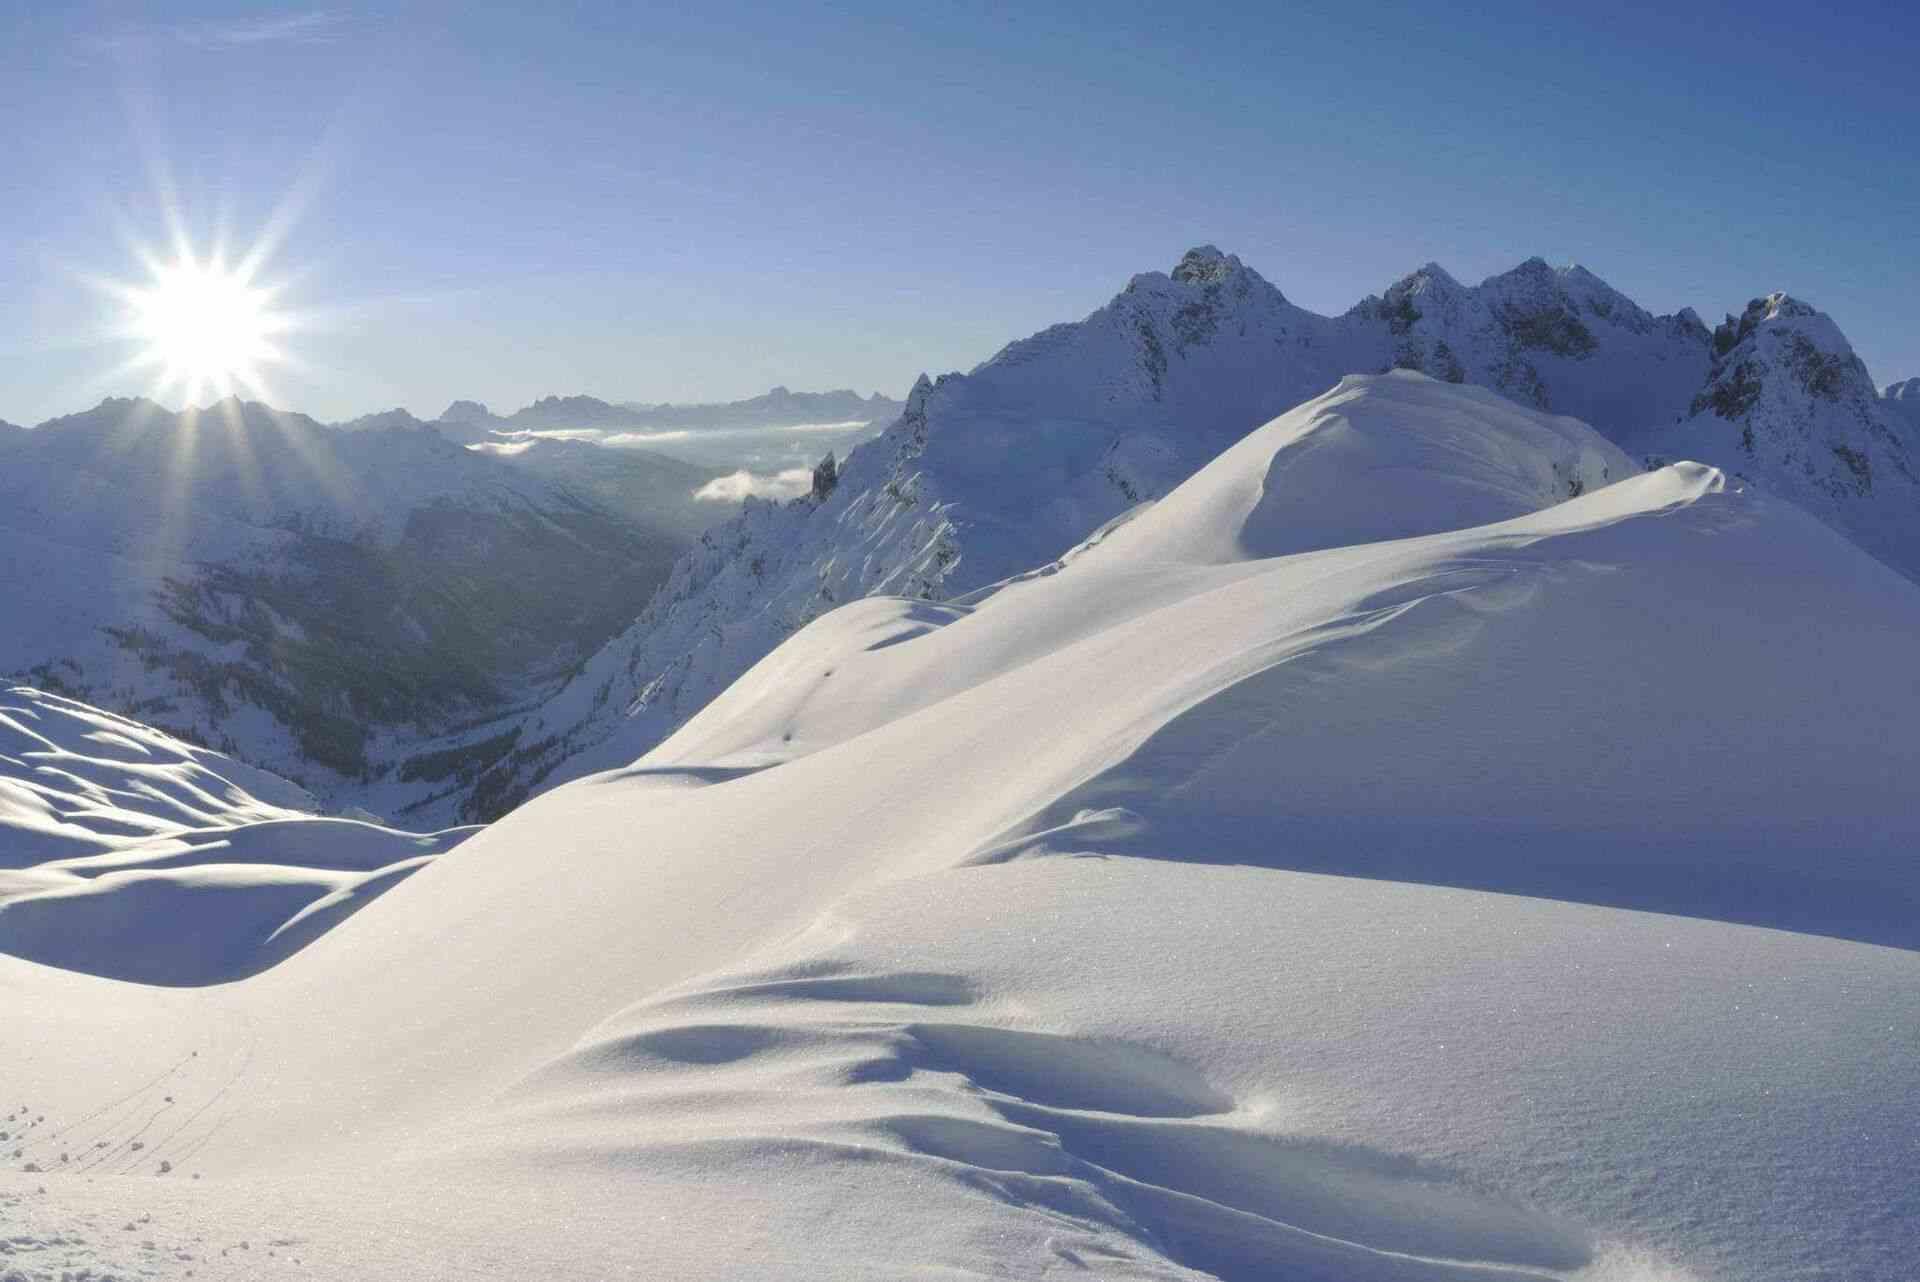 Schneebedeckte Berglandschaft bei strahlendem Sonnenschein